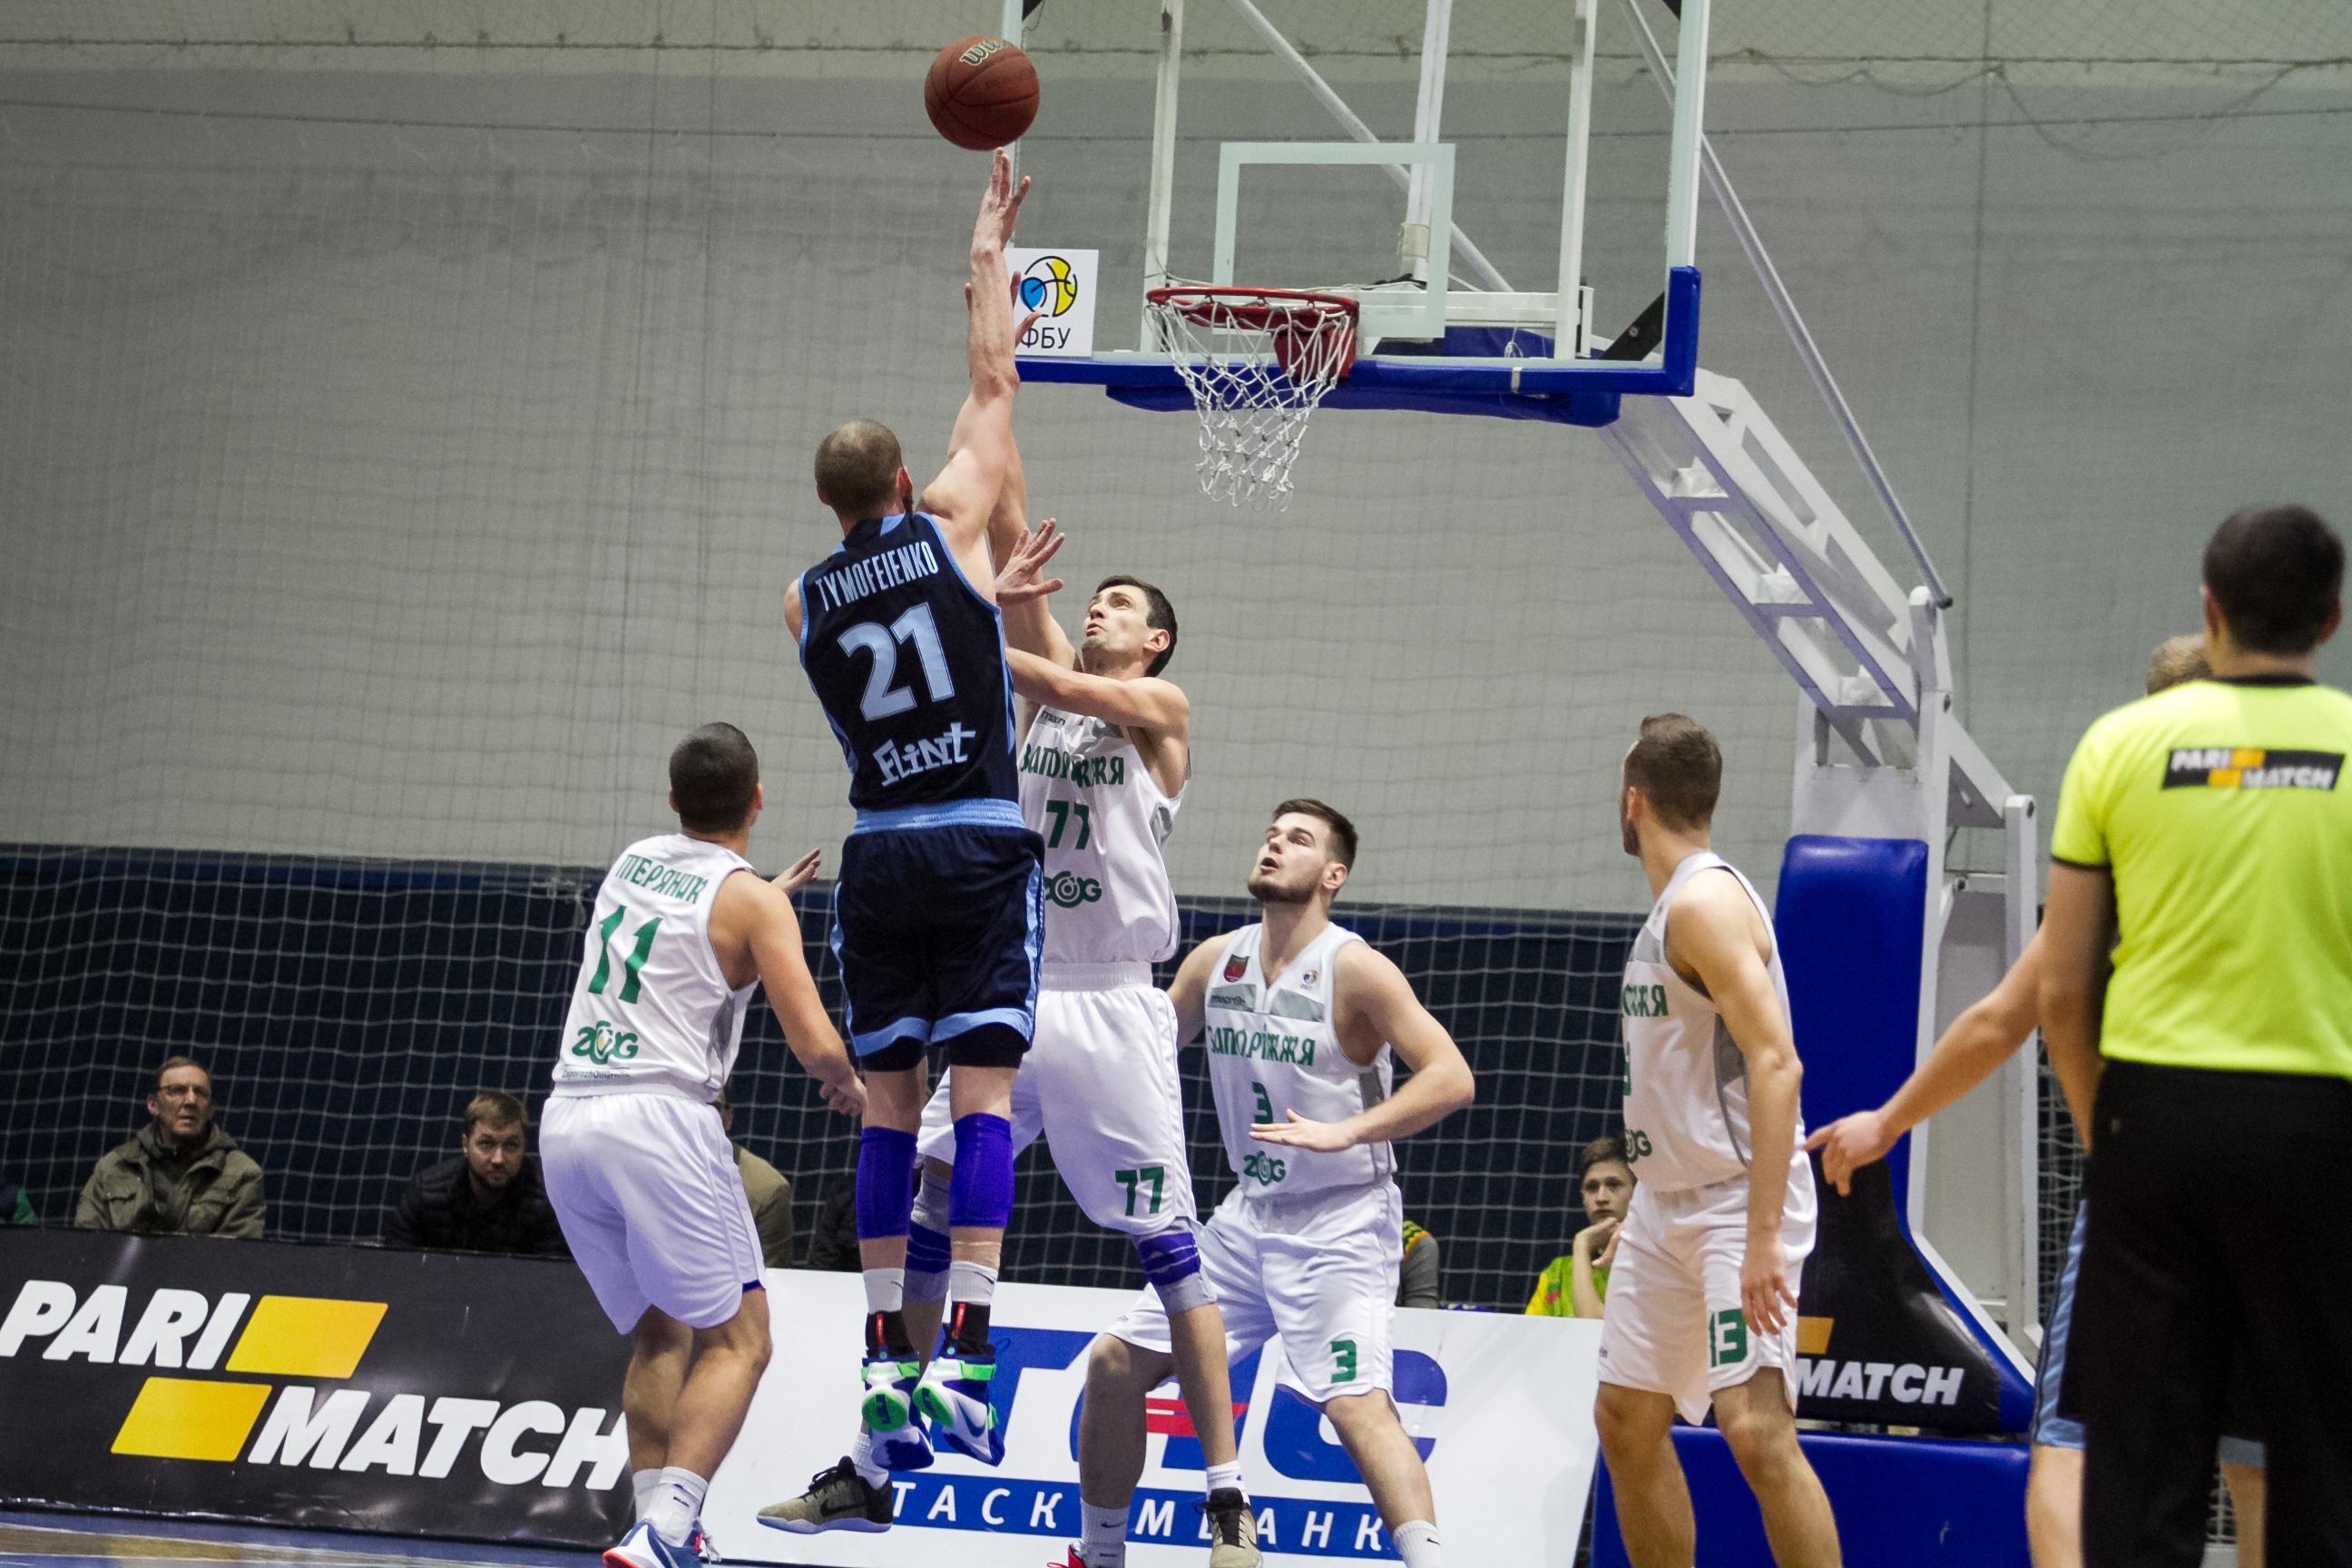 Дніпро вперше в сезоні переміг Запоріжжя на виїзді: фотогалерея